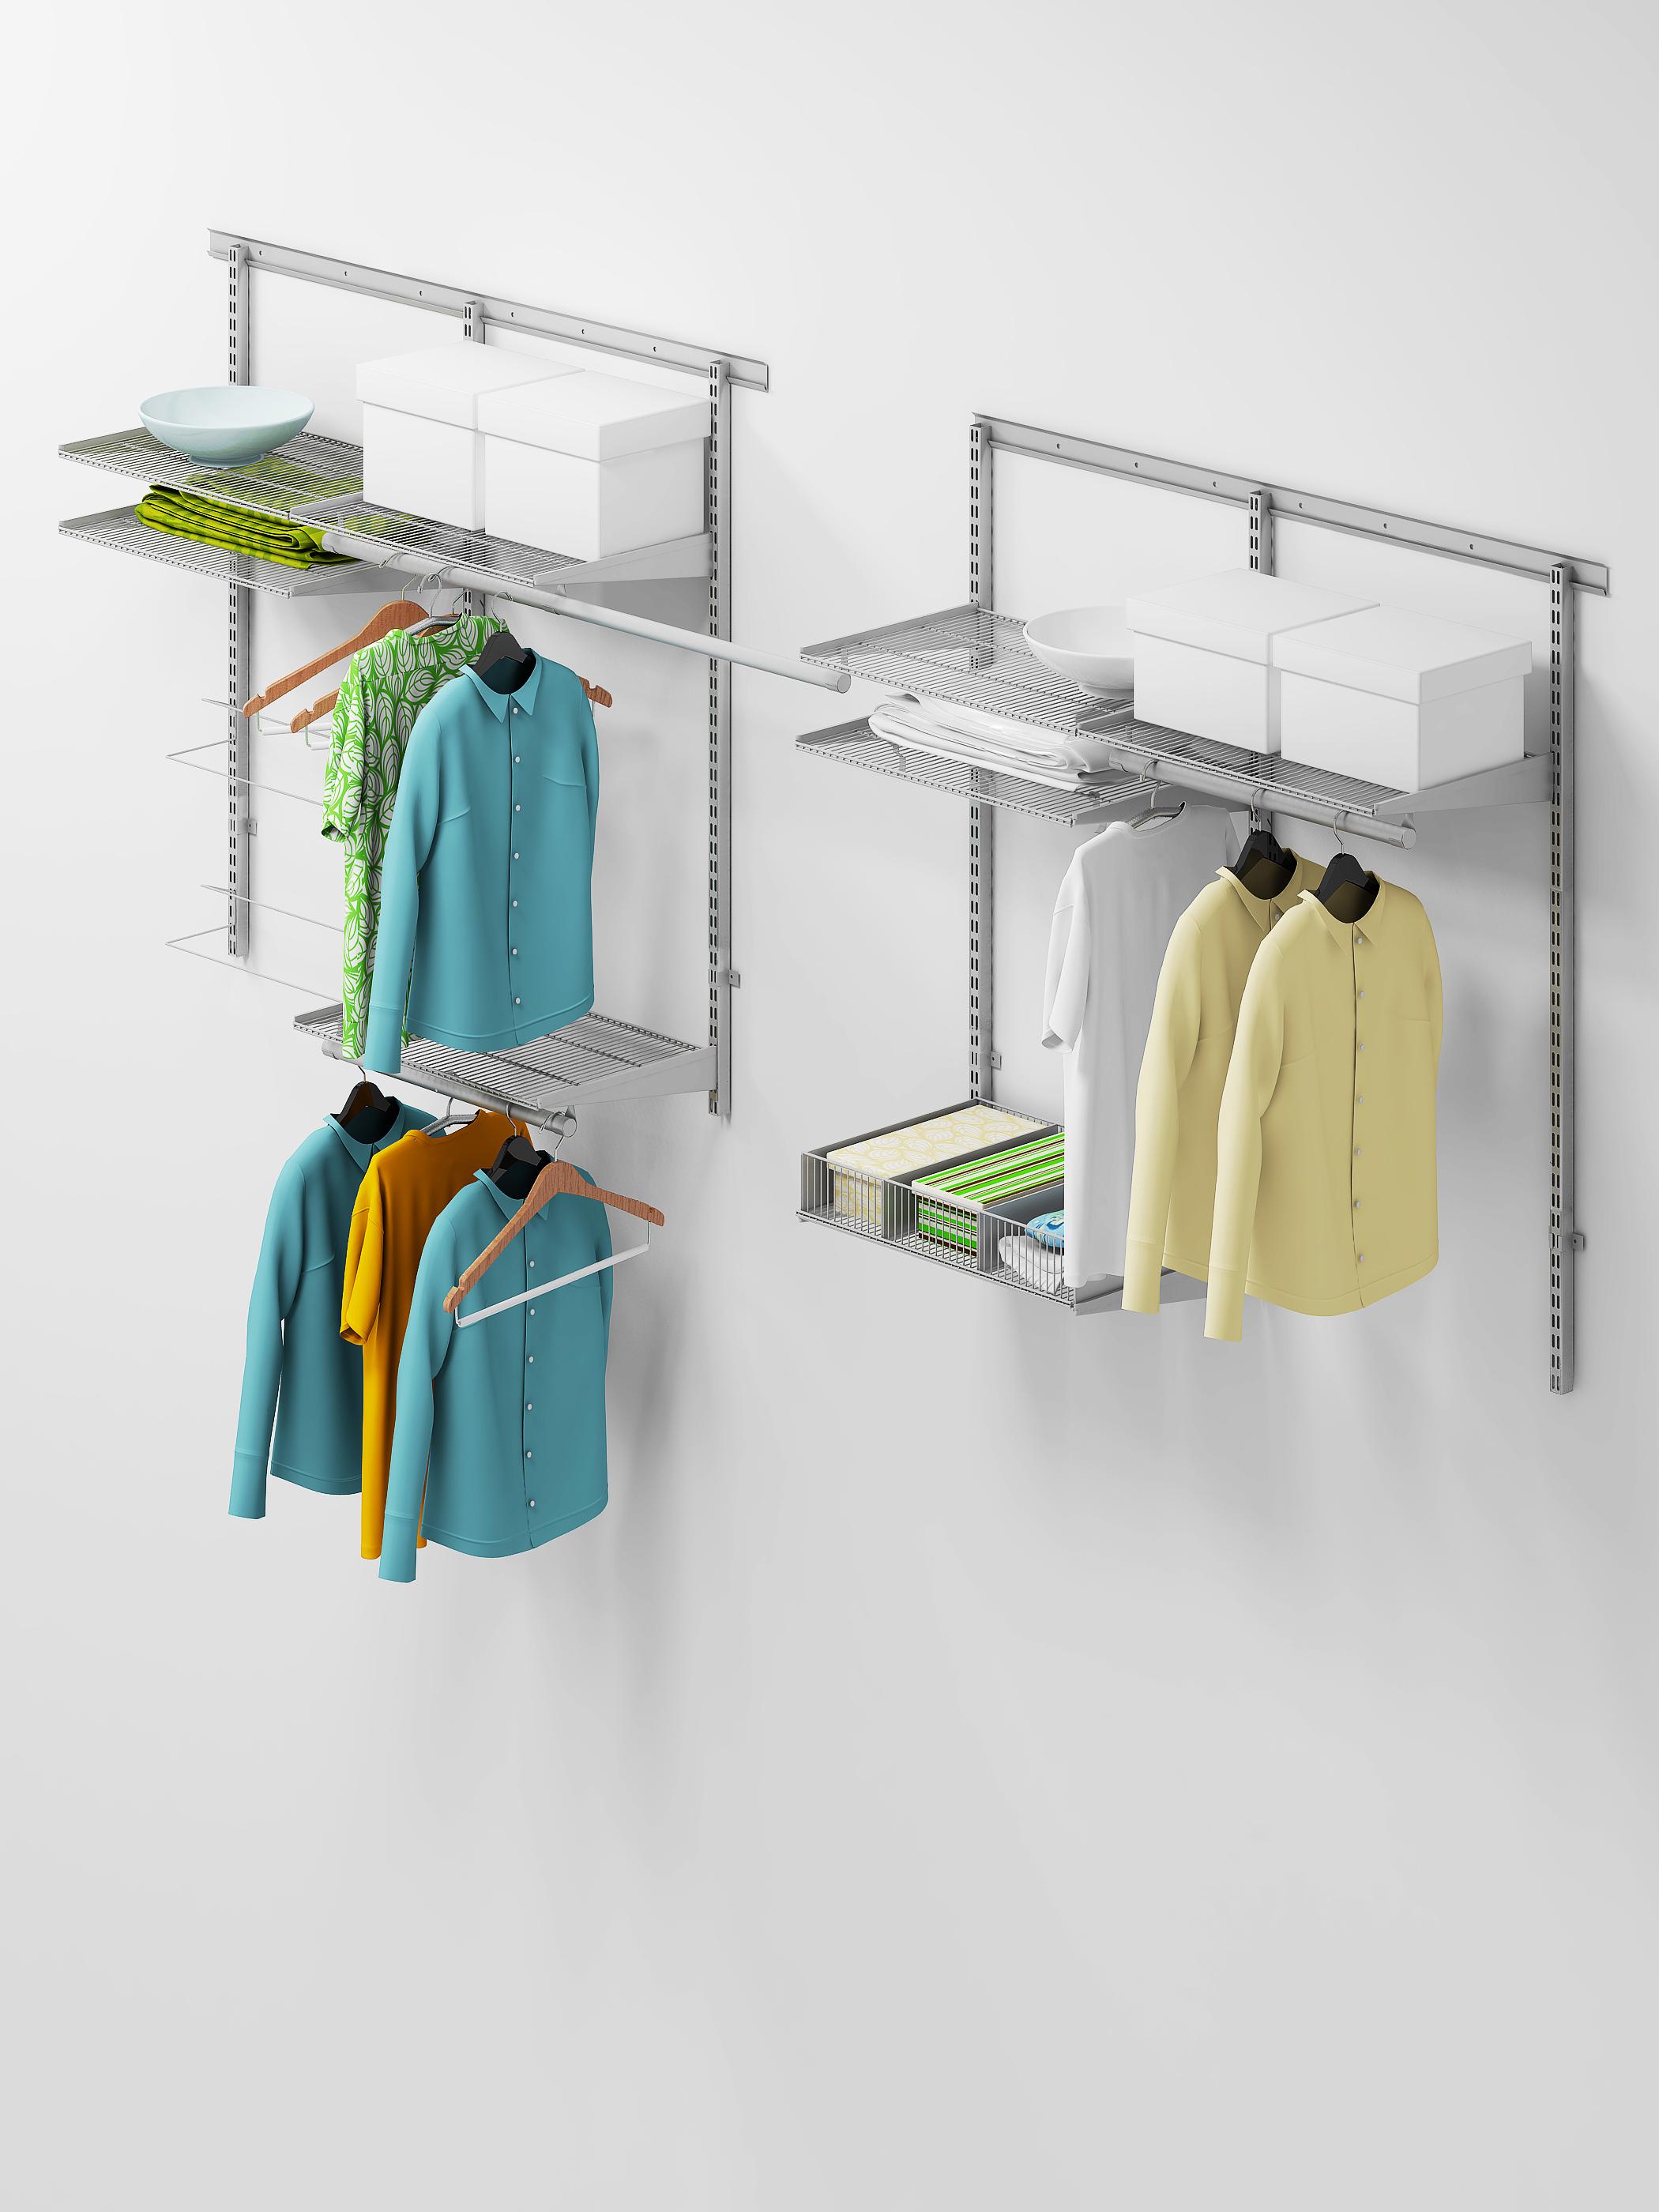 Комплект гардеробной системы aristo 1.